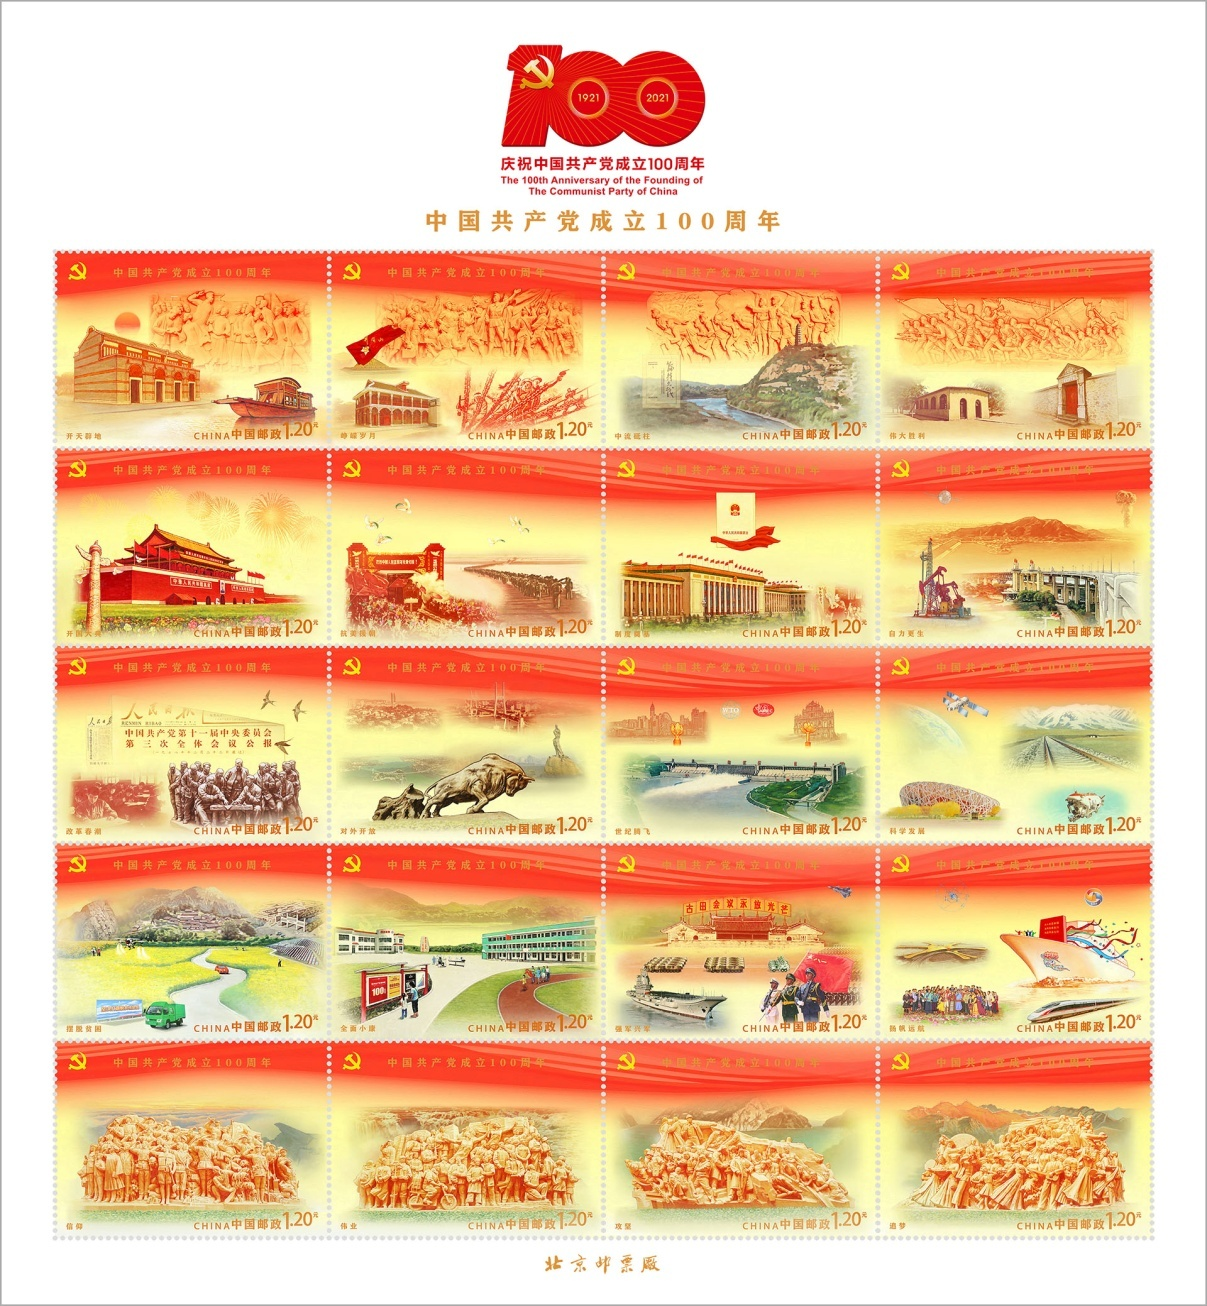 建党百年纪念邮票设计师郝军